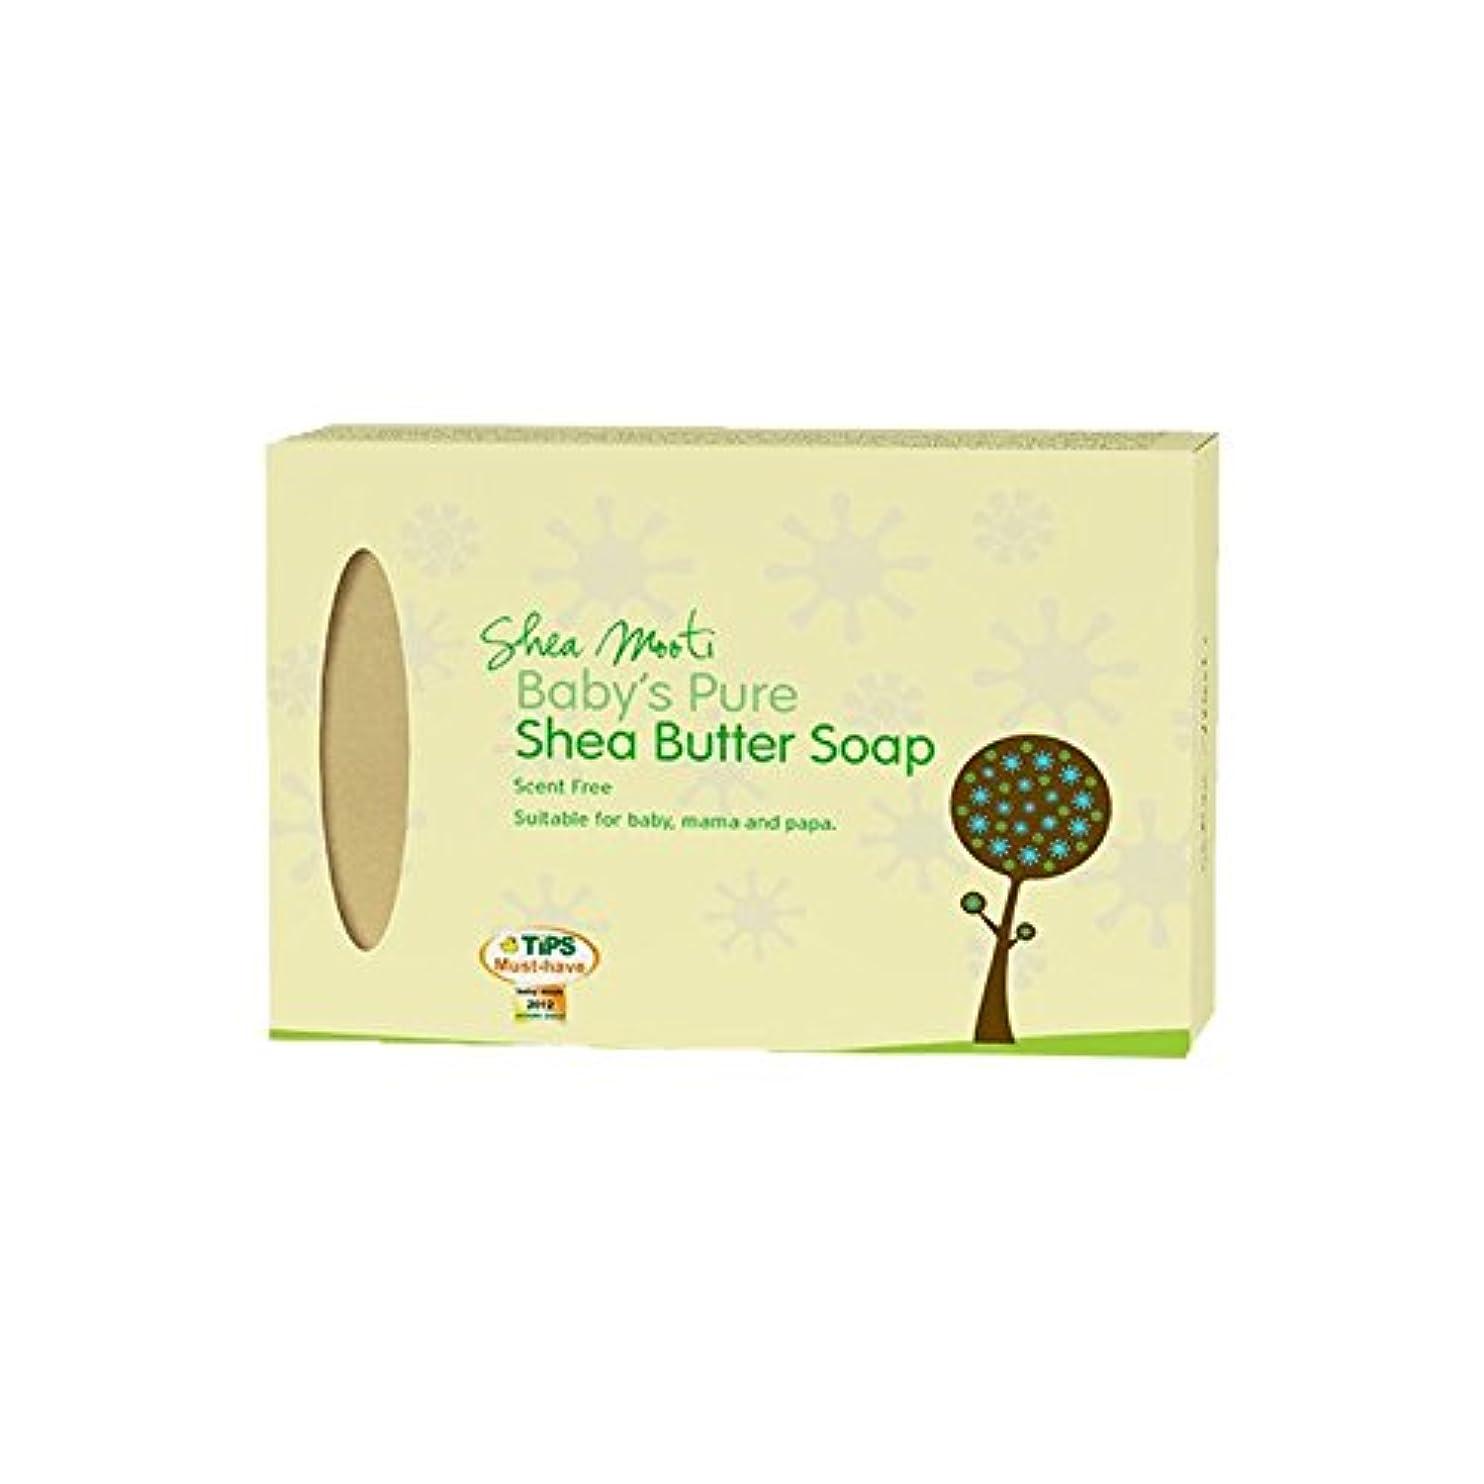 強要天窓勇敢なShea Mooti Baby's Pure Shea Butter Soap Unscented 250ml (Pack of 2) - シアバターMooti赤ちゃんの純粋なシアバターソープ無香250ミリリットル (x2...